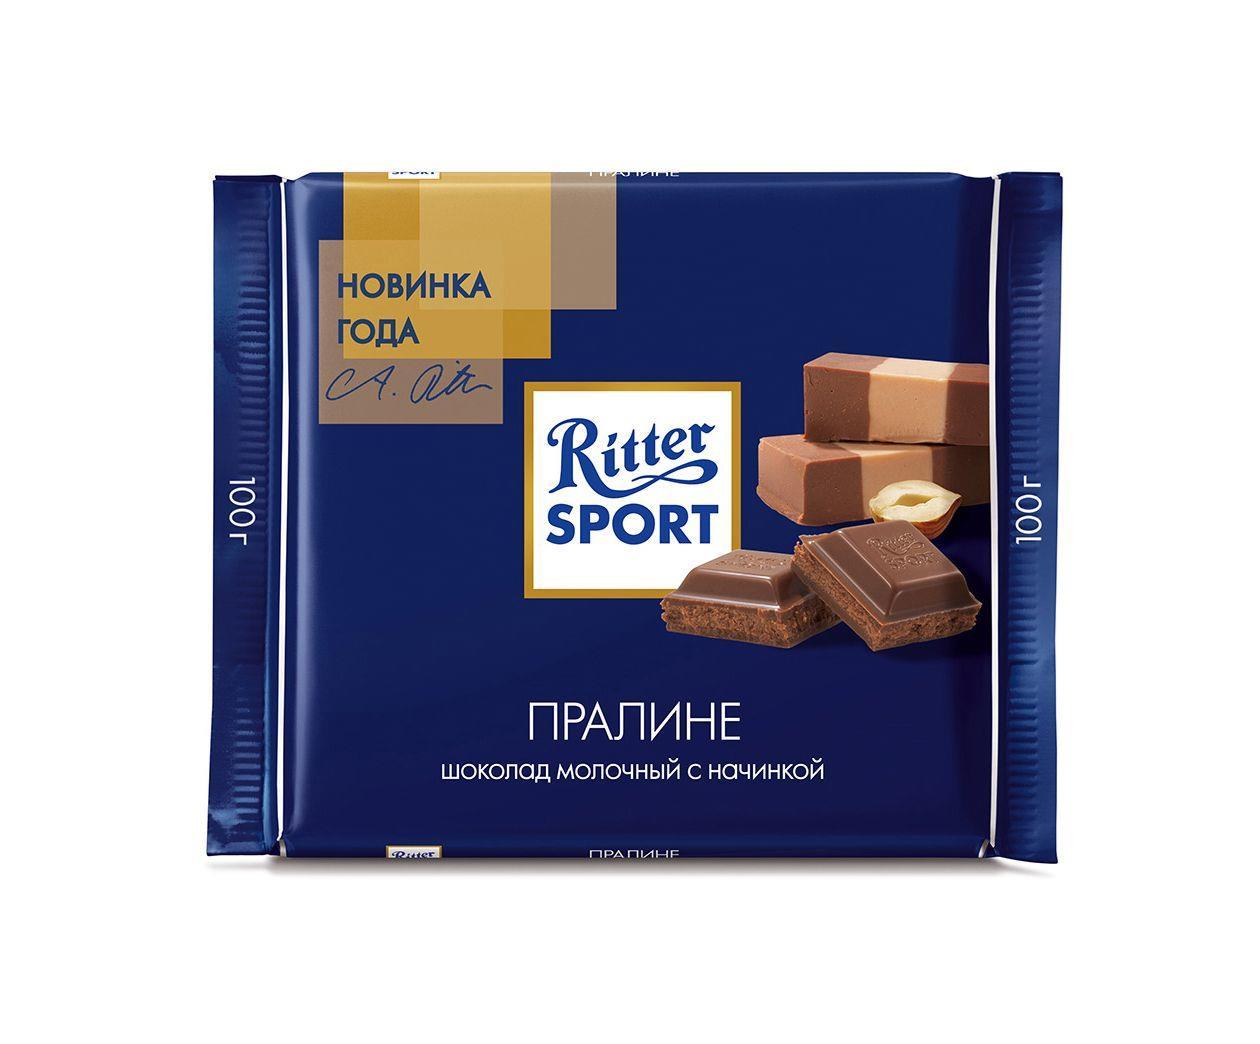 Шоколад молочный Пралине RITTER SPORT, 100 г